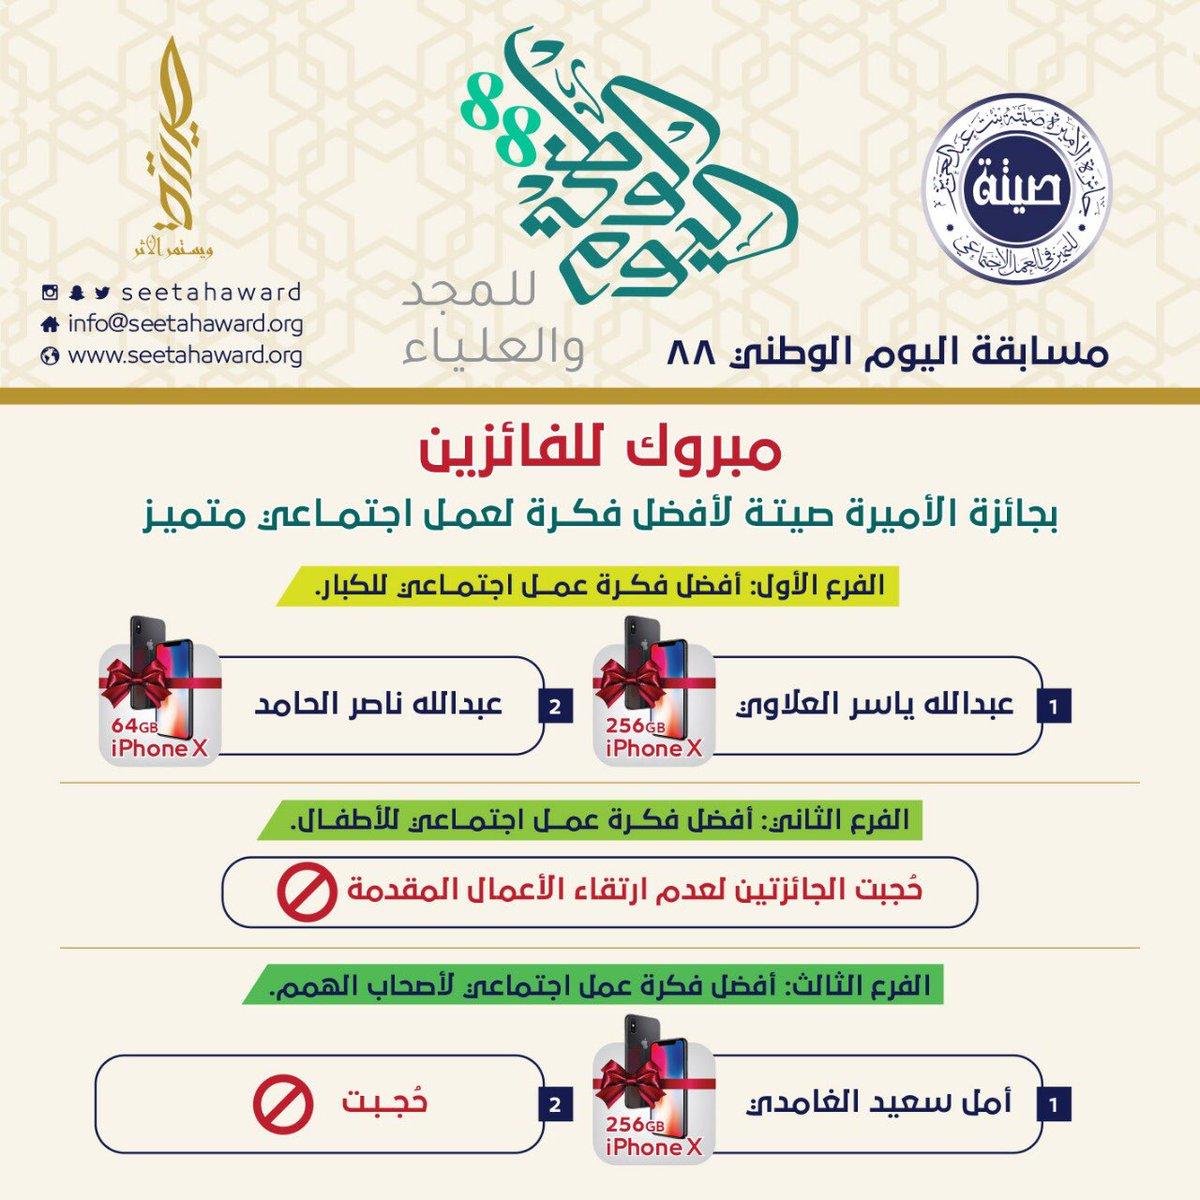 >الف مبروك للفائزين ،،، وحظاً أوفر لمن لم يحالفهم الحظ. اليوم الوطني السعودي ٨٨